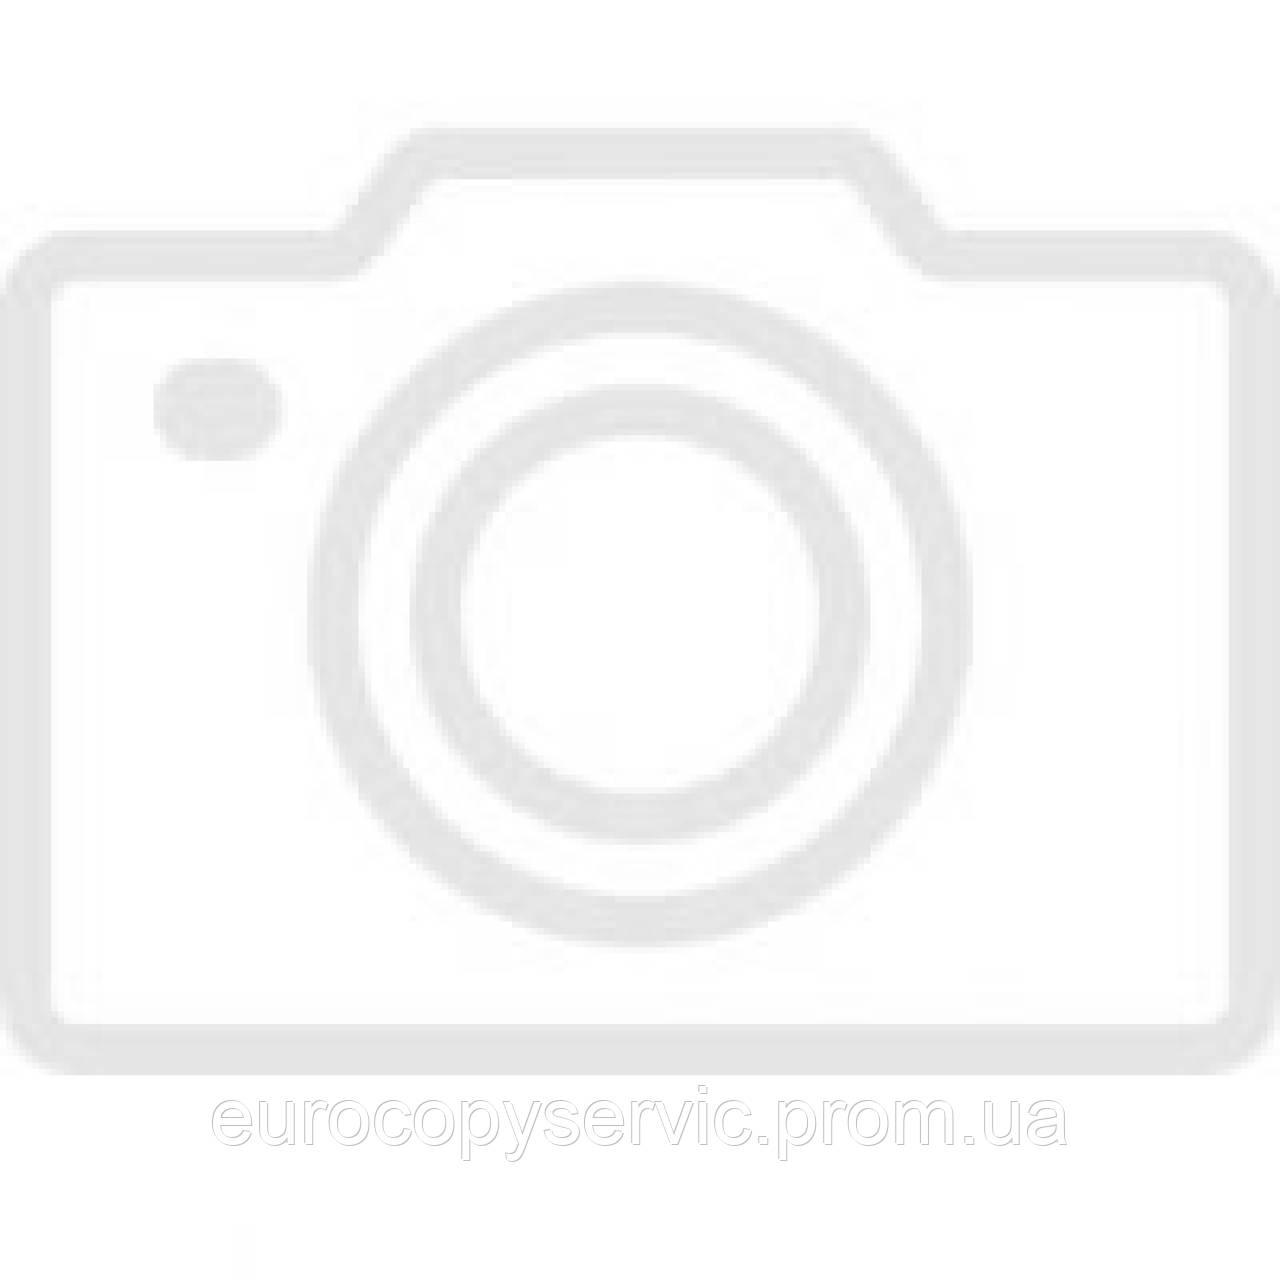 Ролики захоплення лотка 2 HP LJ Pro M402 / M403 / M404 / M405 / M426 / M427 / M428 / M429 / M329 / M305 / M304, RM2-5452 ліцензія